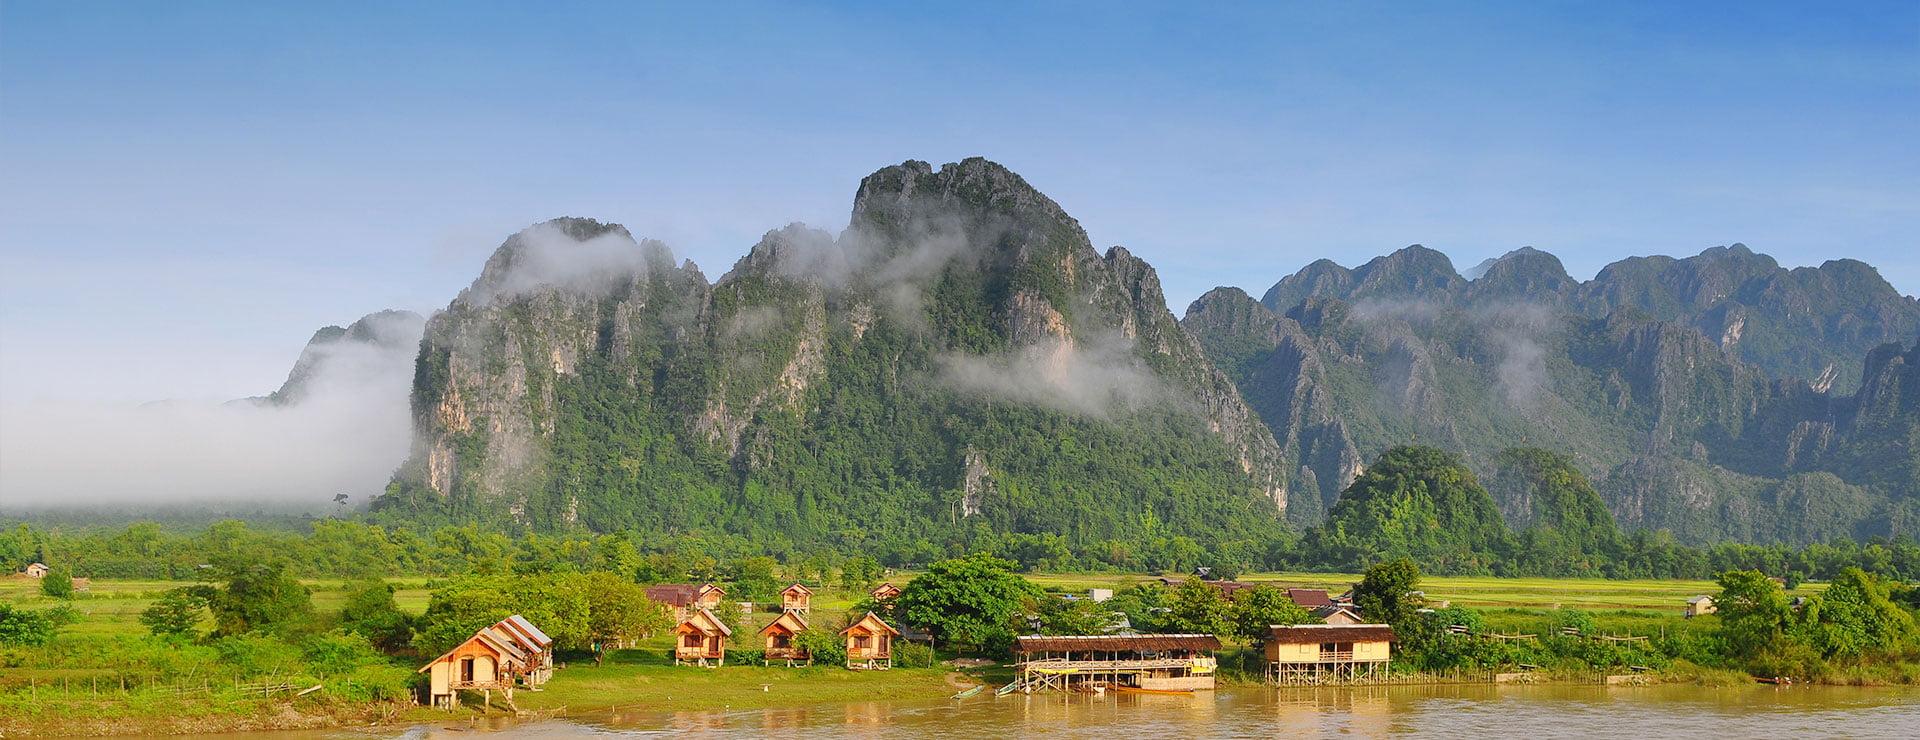 Descubriendo los lugares históricos de guerra en Indochina: Los 5 destinos principales que deben estar en su radar de viajes